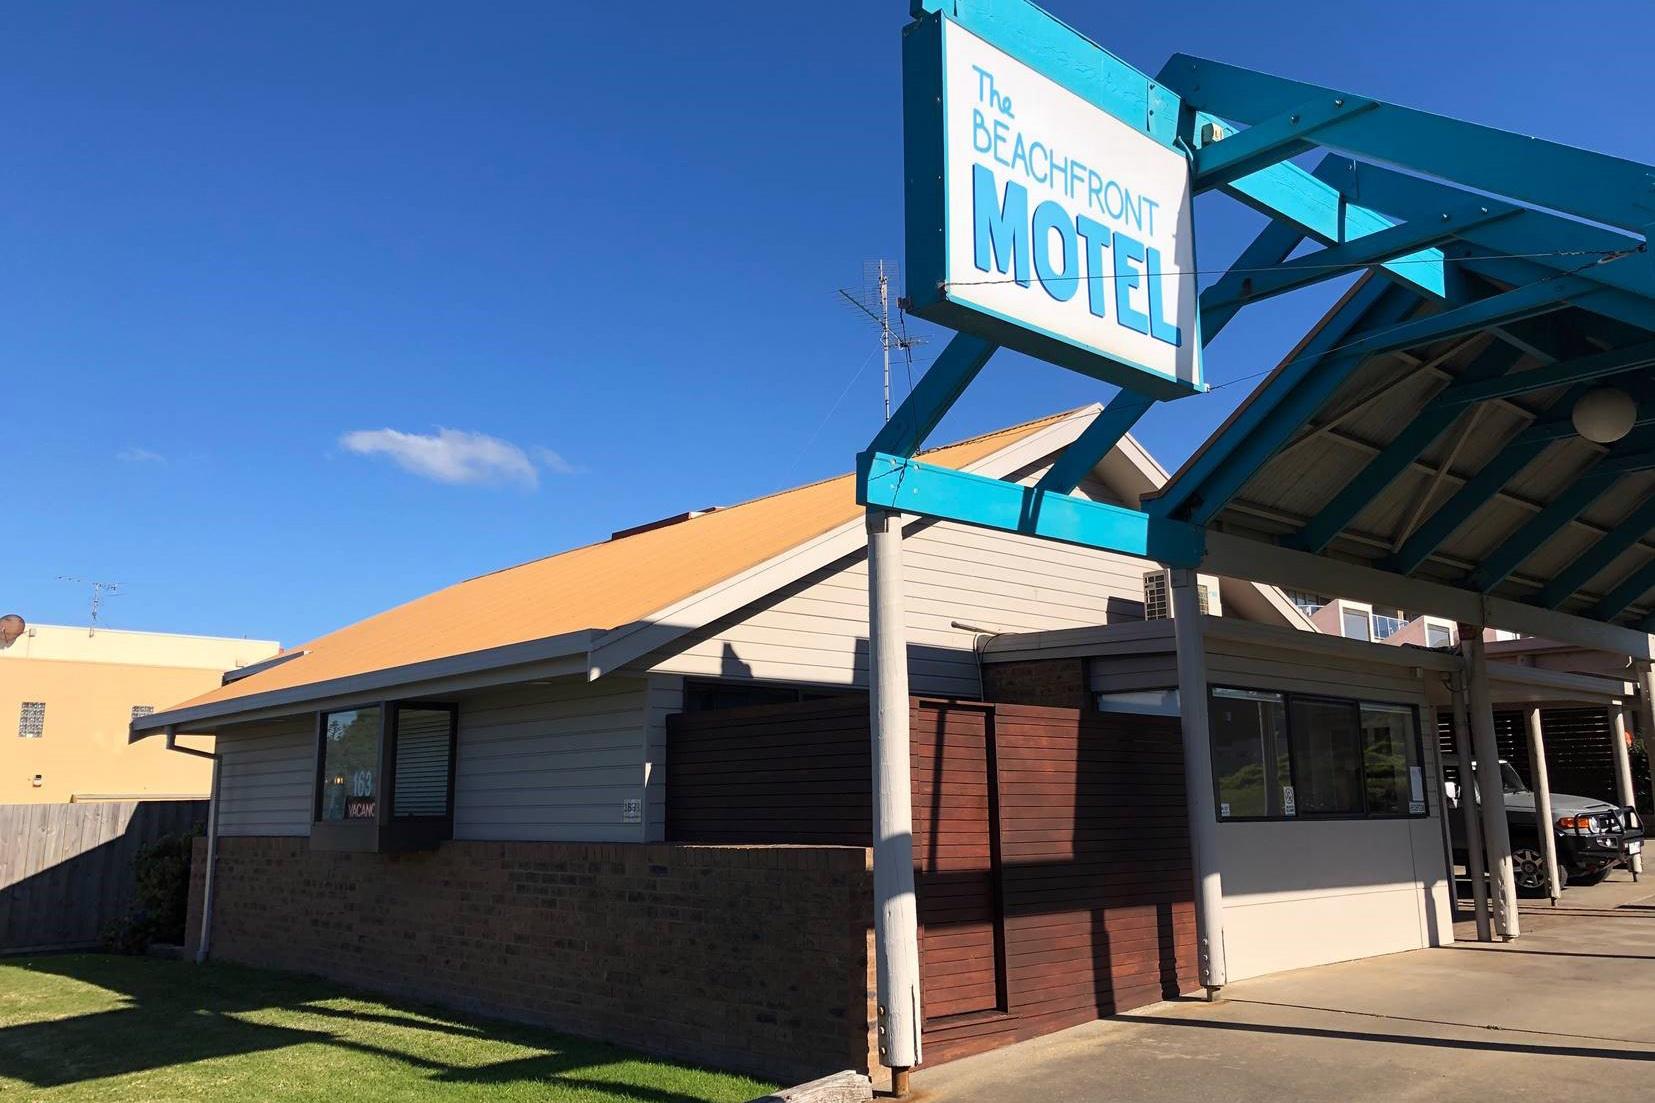 k - The Beachfront Motel